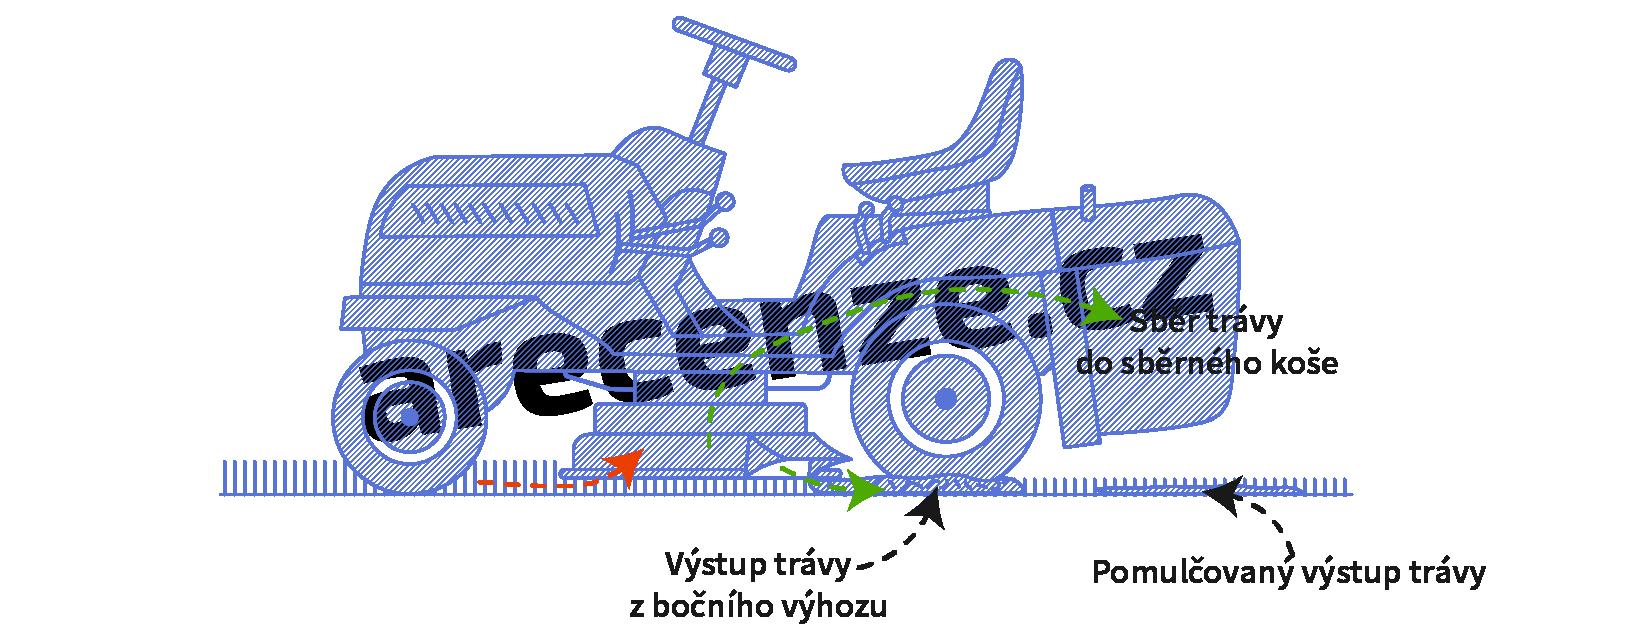 Popis fungovania kosenie záhradným traktorom